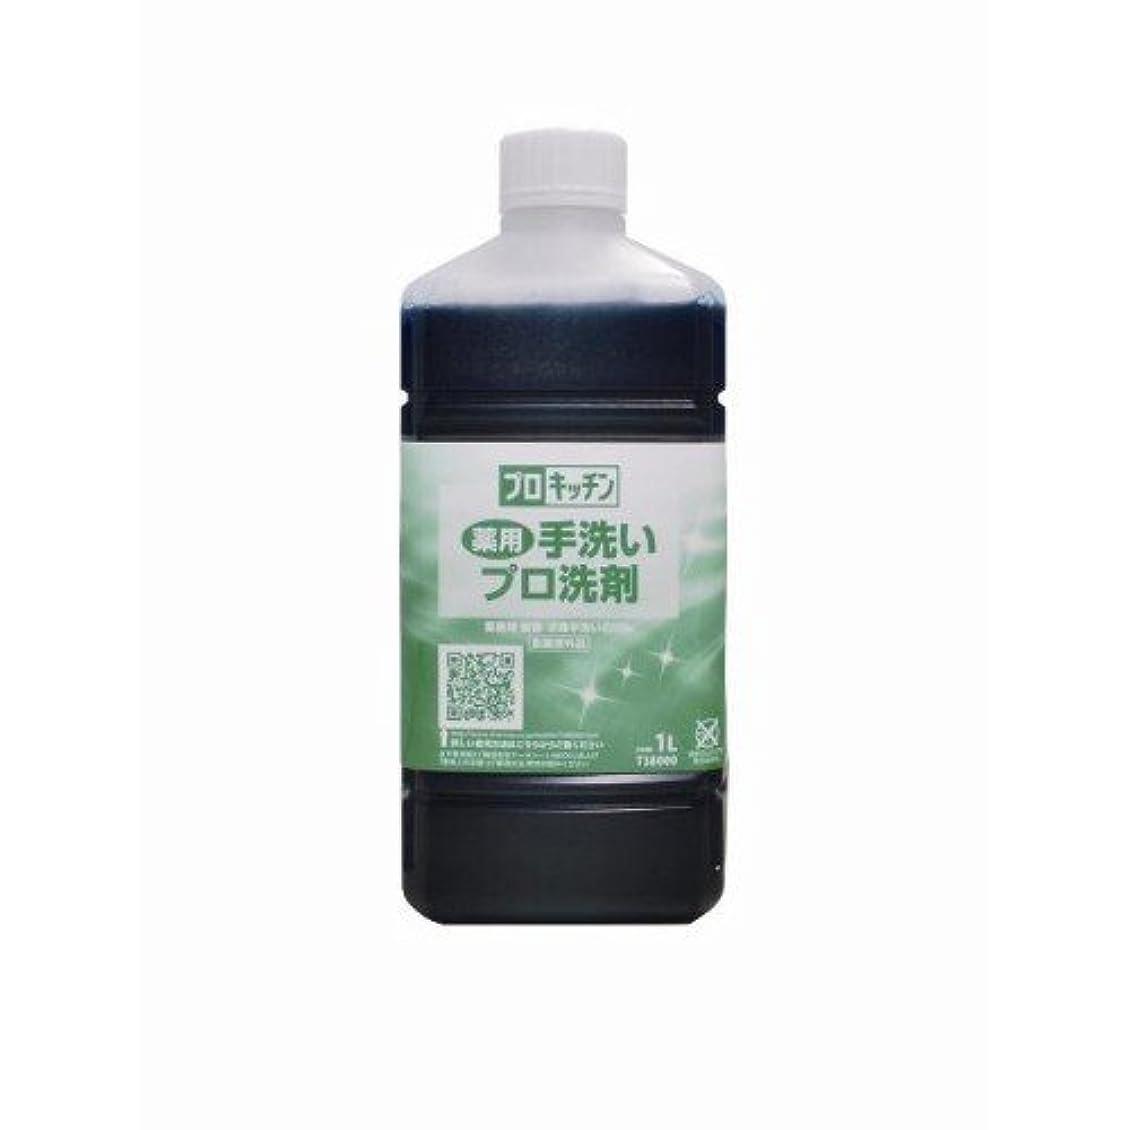 意気込み最少動かない薬用手洗いプロ洗剤 1L